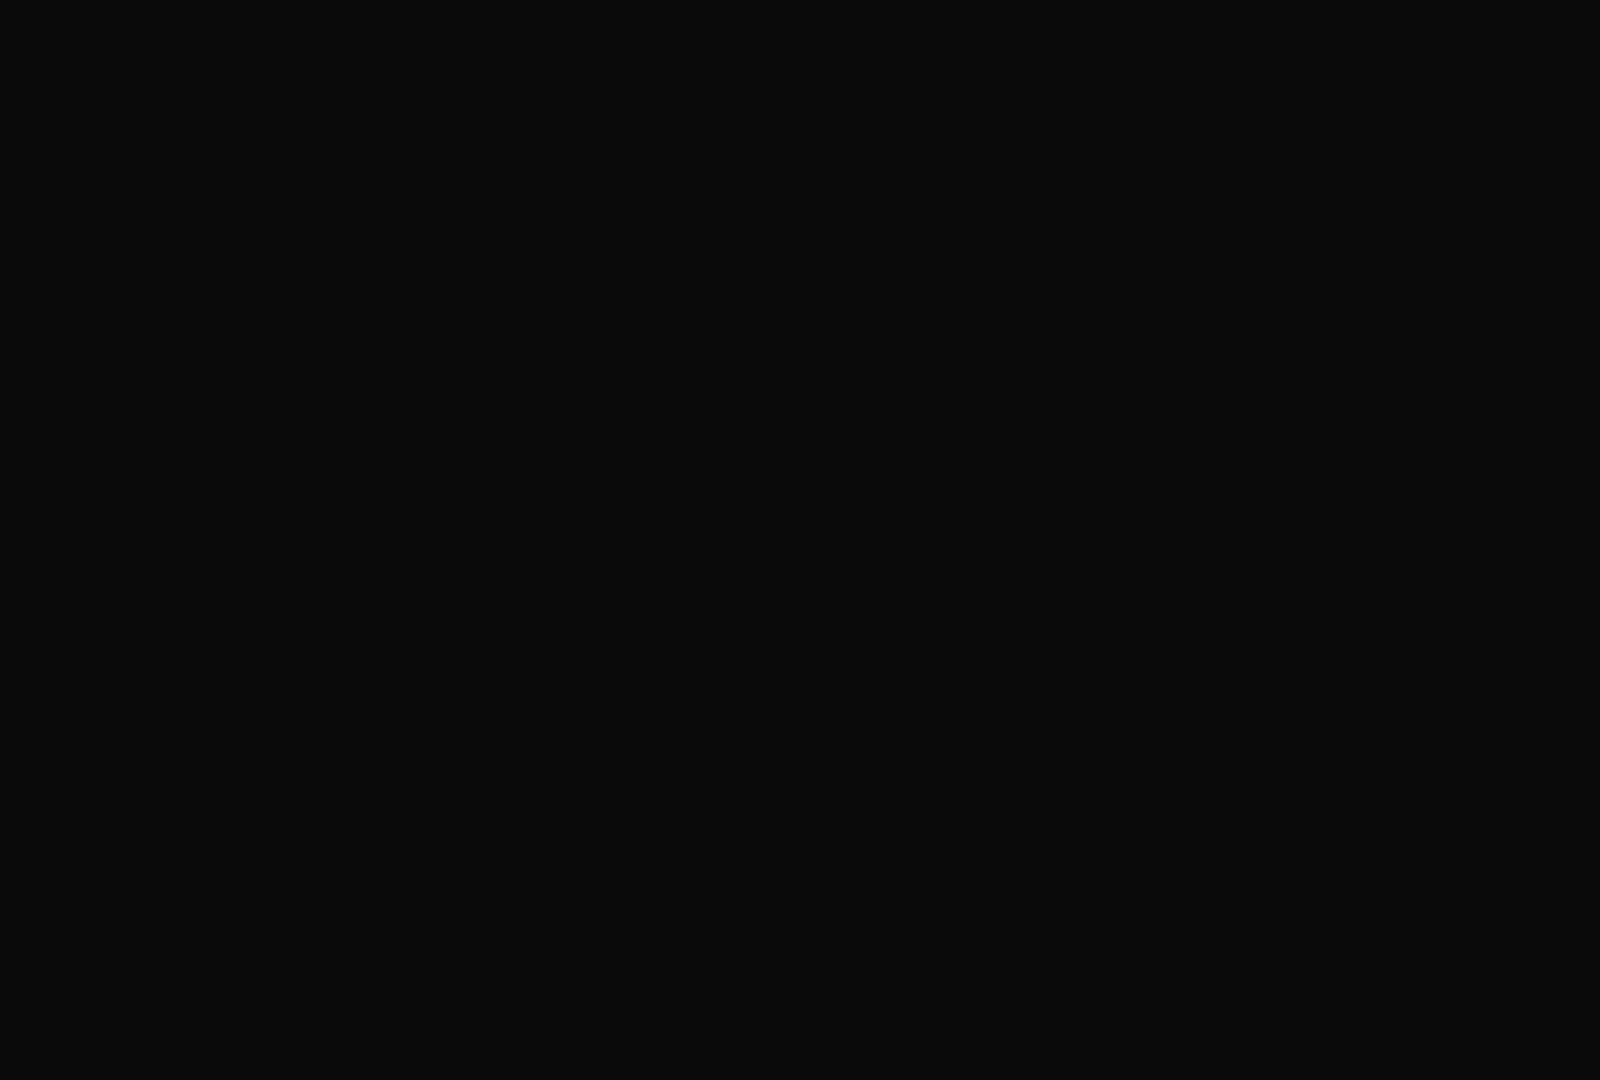 充血監督の深夜の運動会Vol.92 カップル盗撮  82画像 40